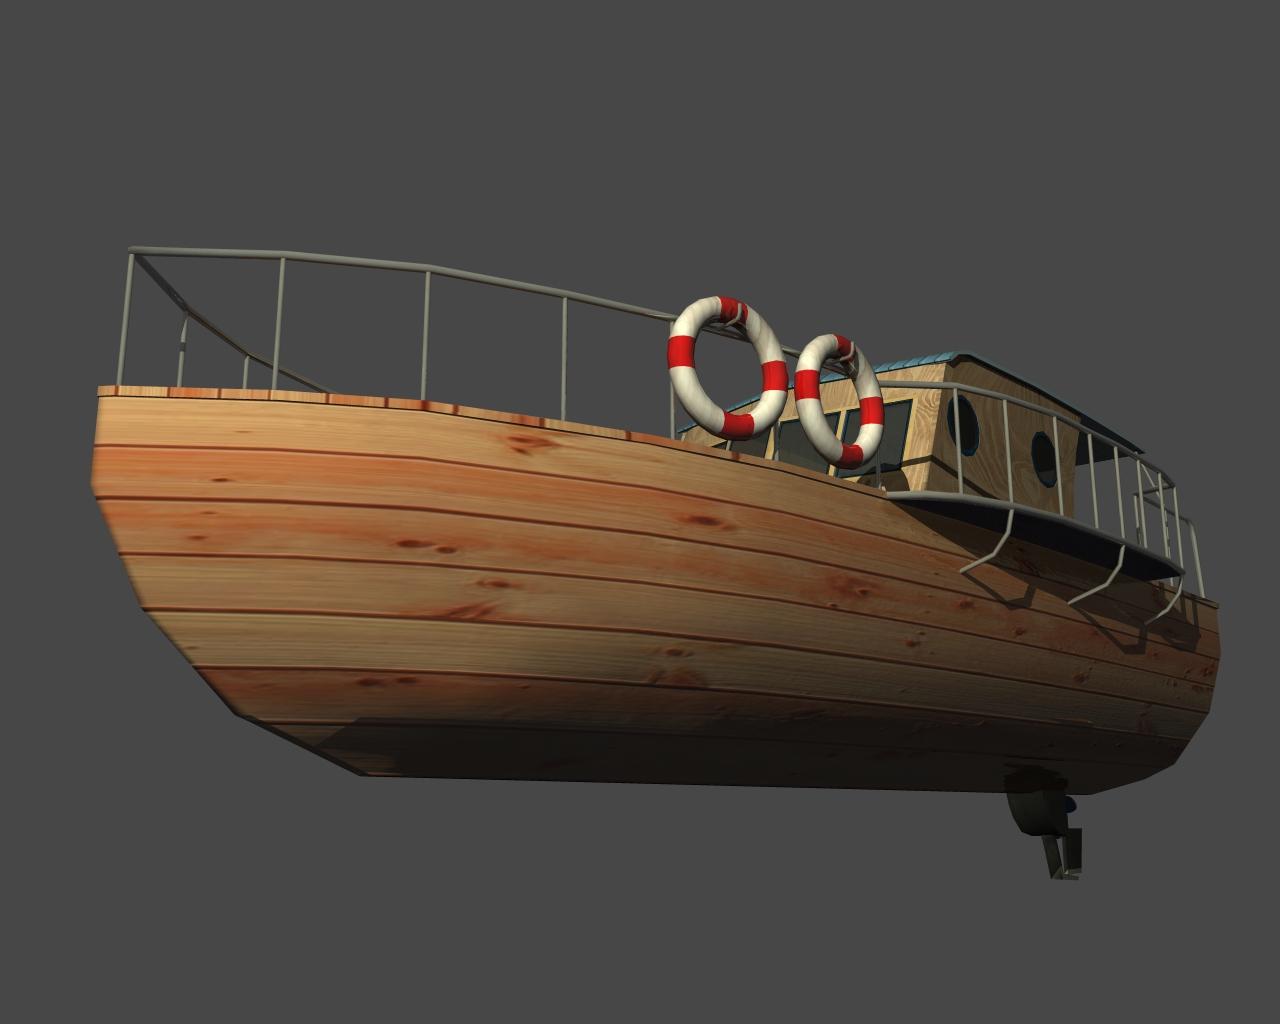 jauns laiva 3d 3ds 165405